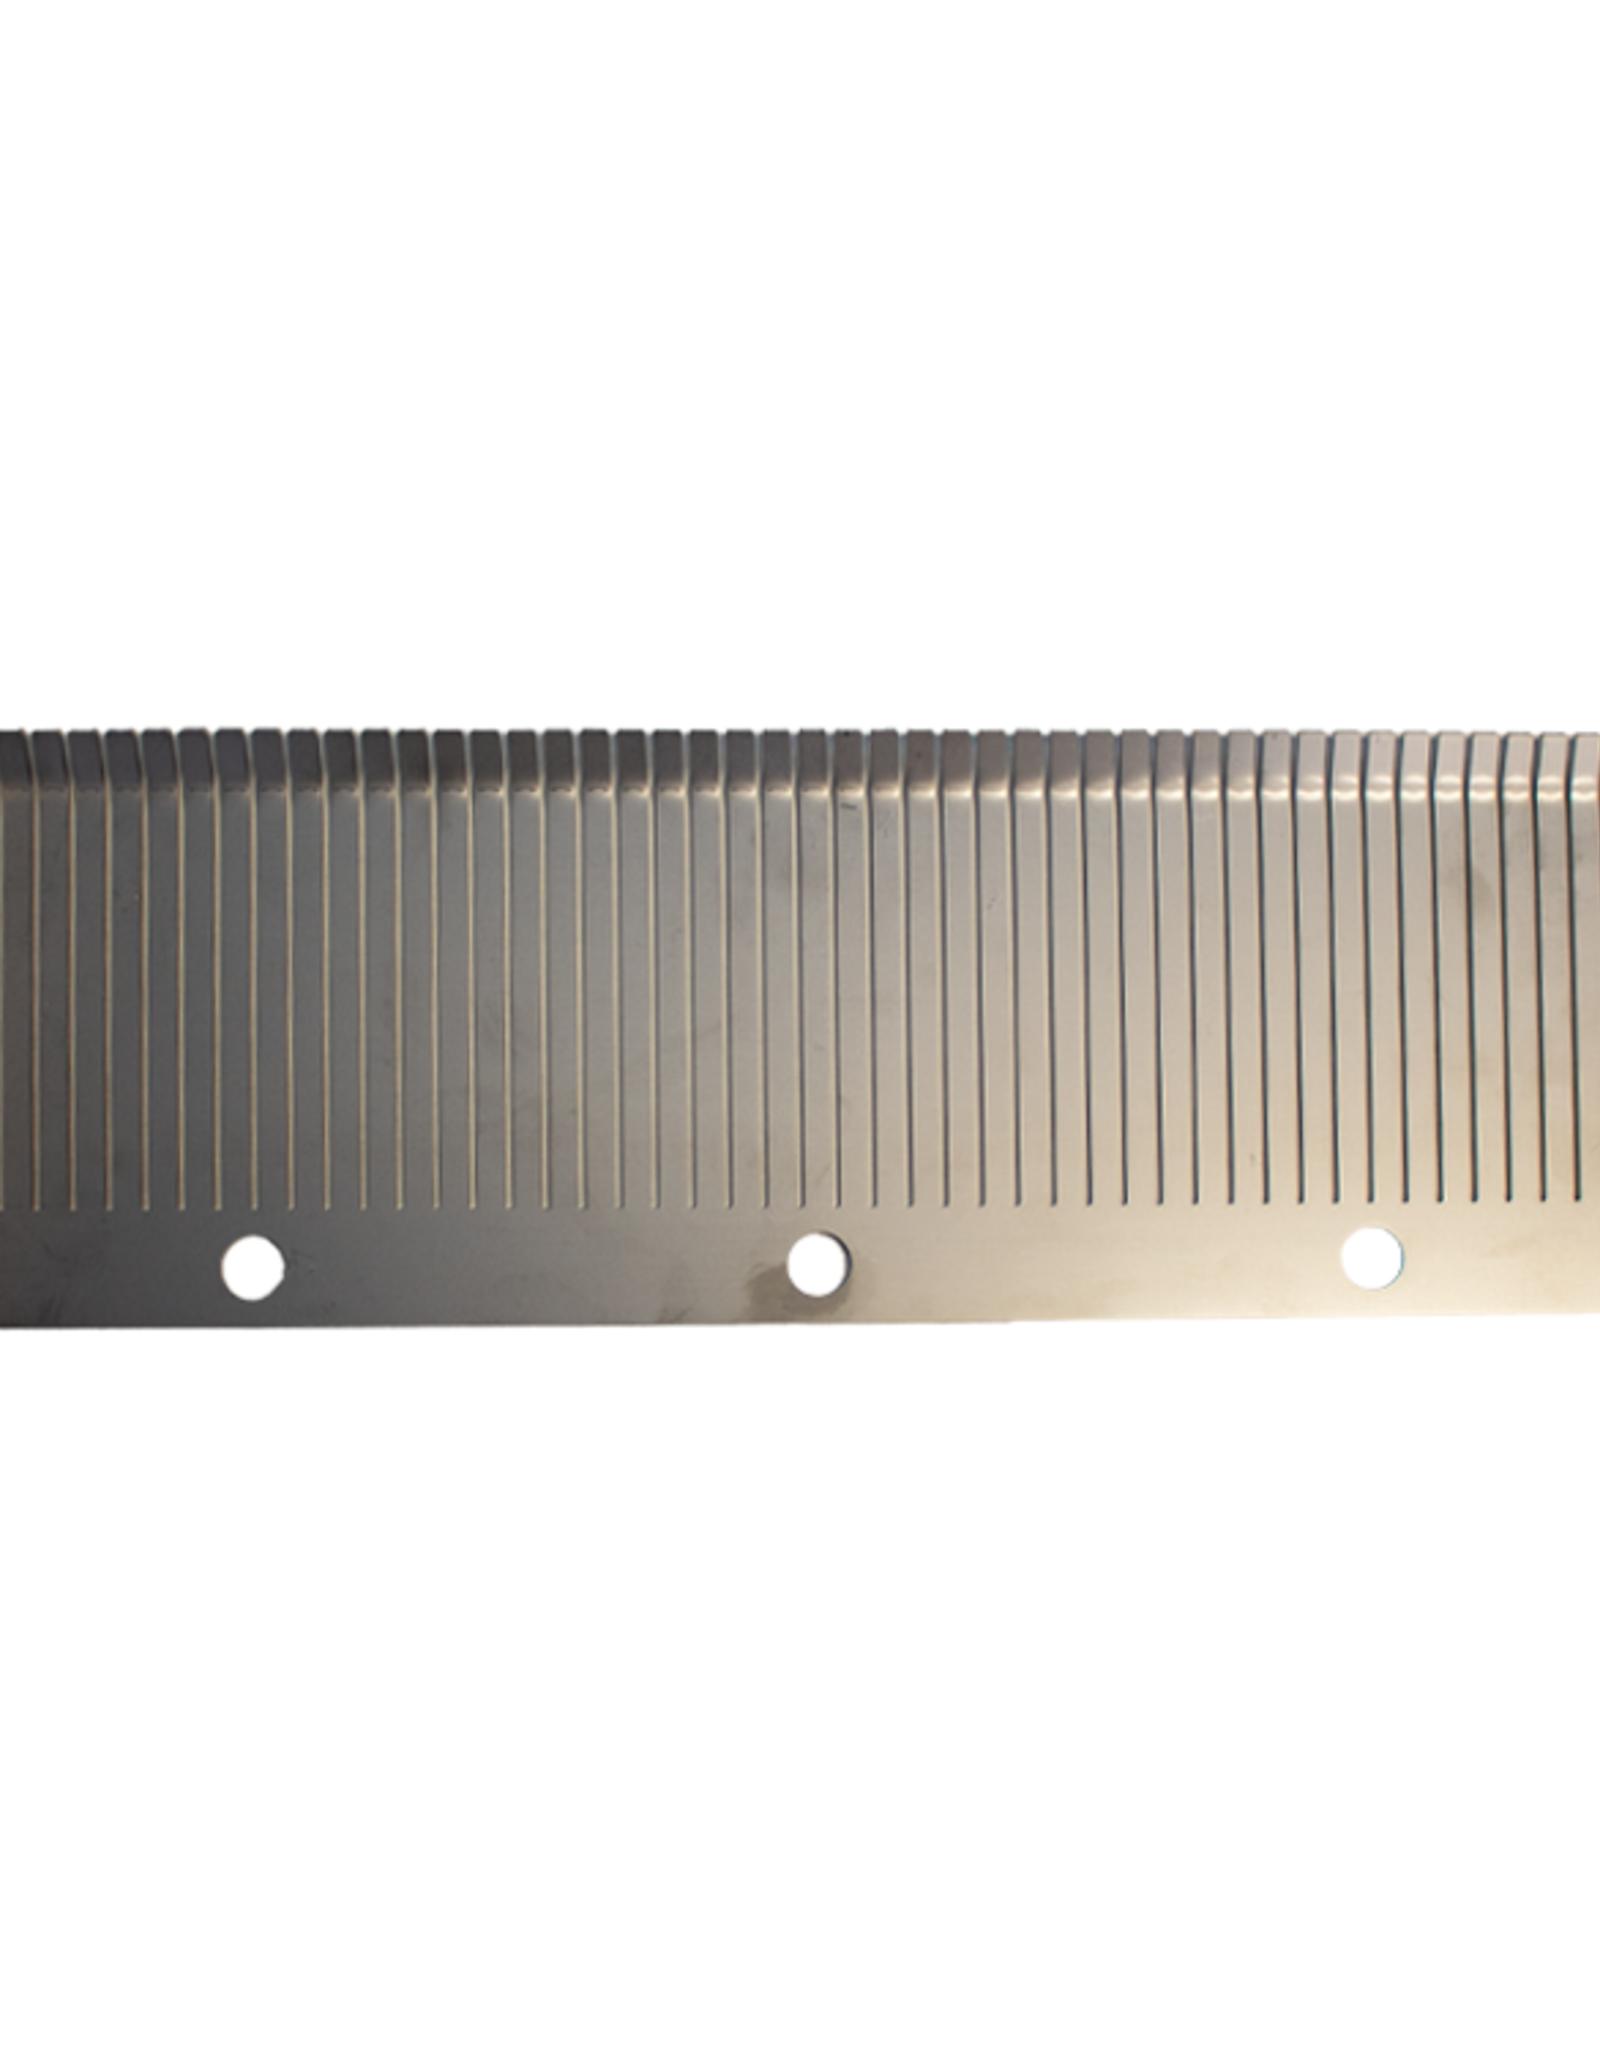 VLB Bread Slicers La plaque de pression en acier inoxydable Pano